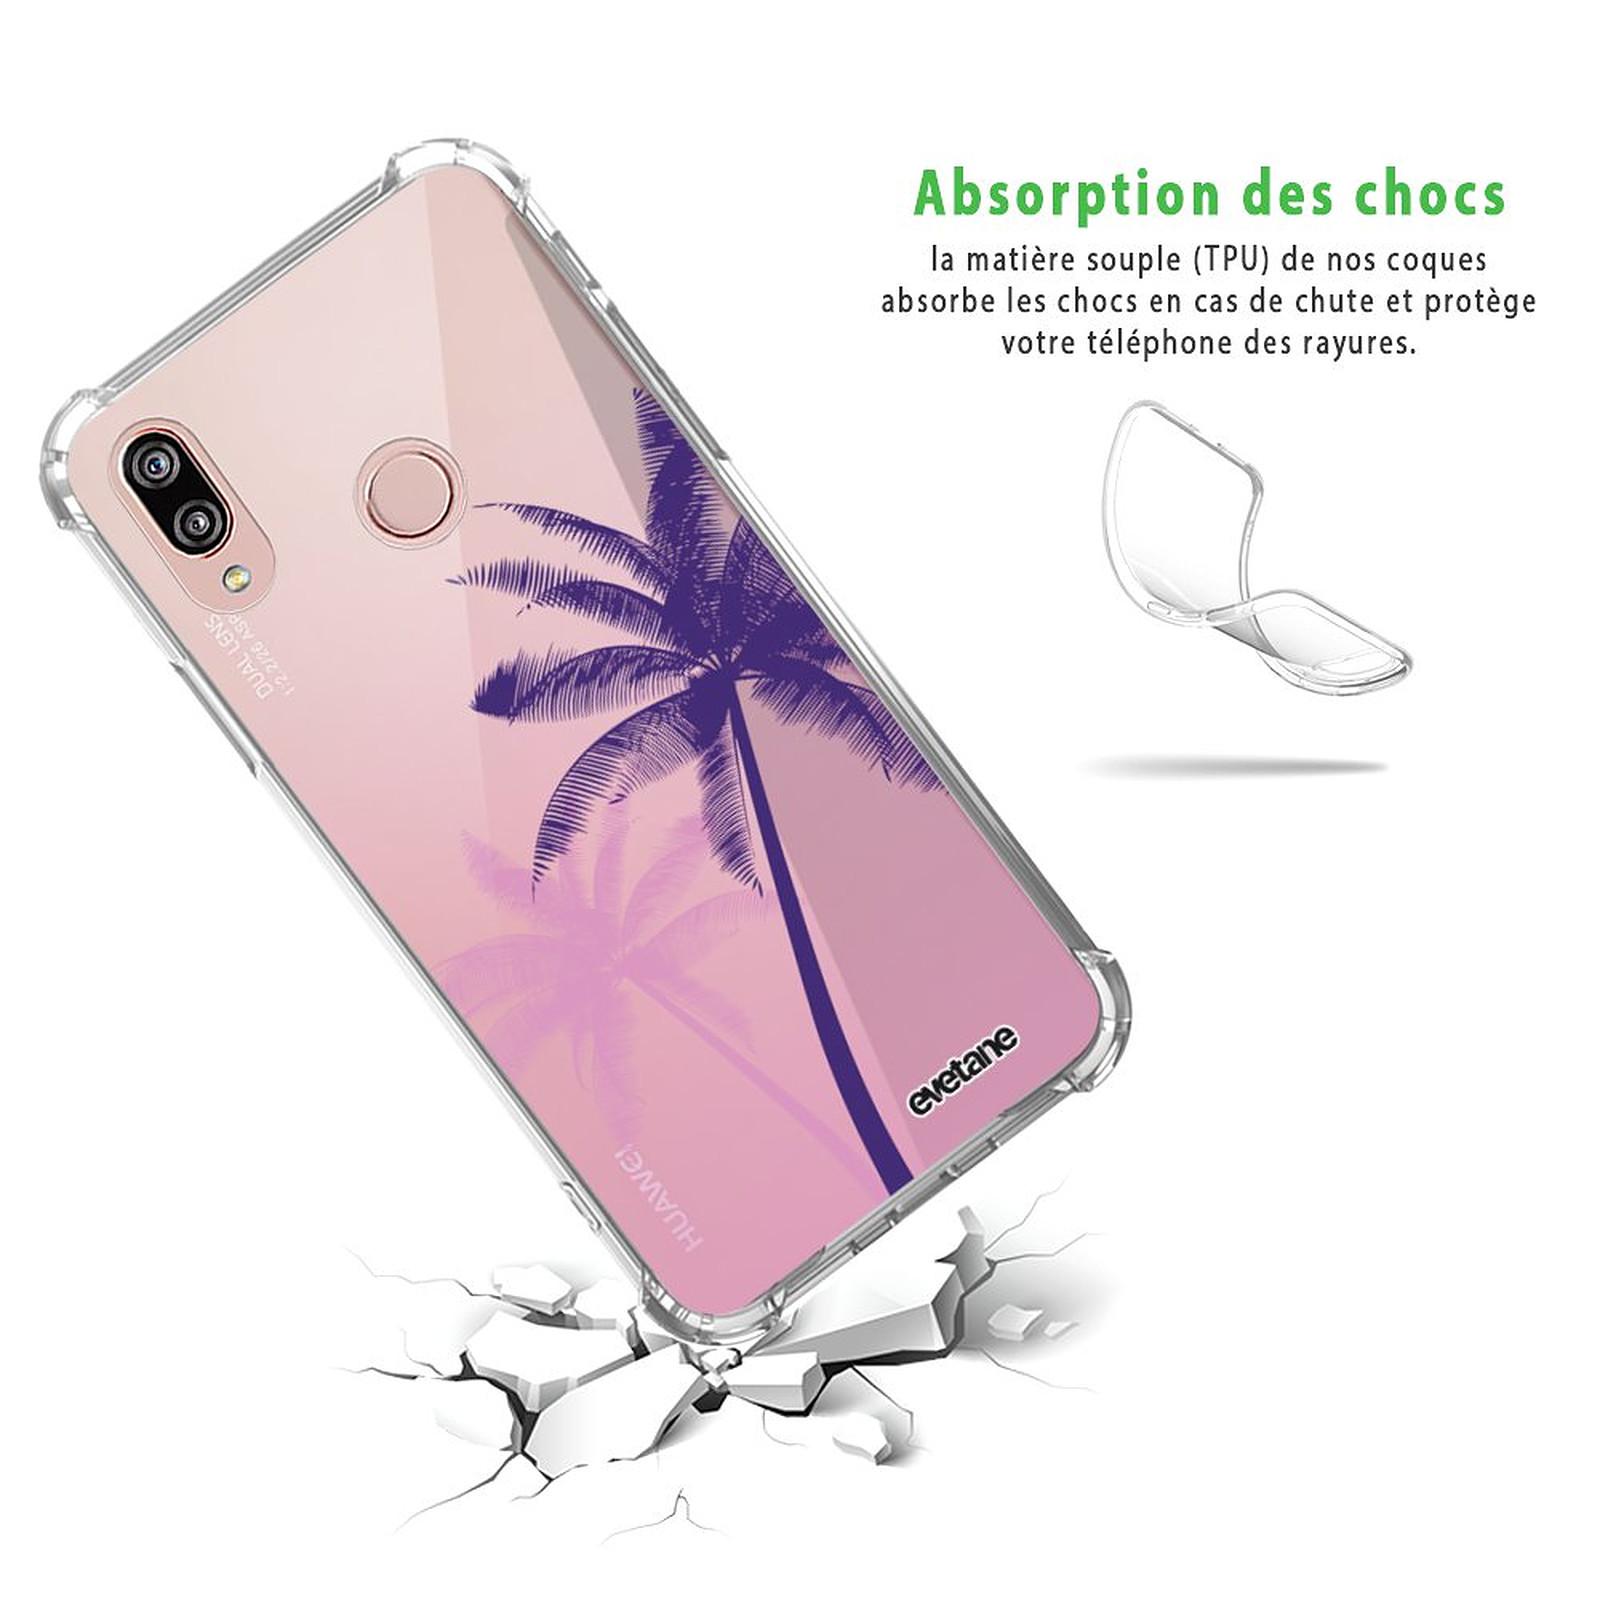 EVETANE Coque Huawei P20 Lite anti-choc souple angles renforcés transparente Palmiers et Dégradé